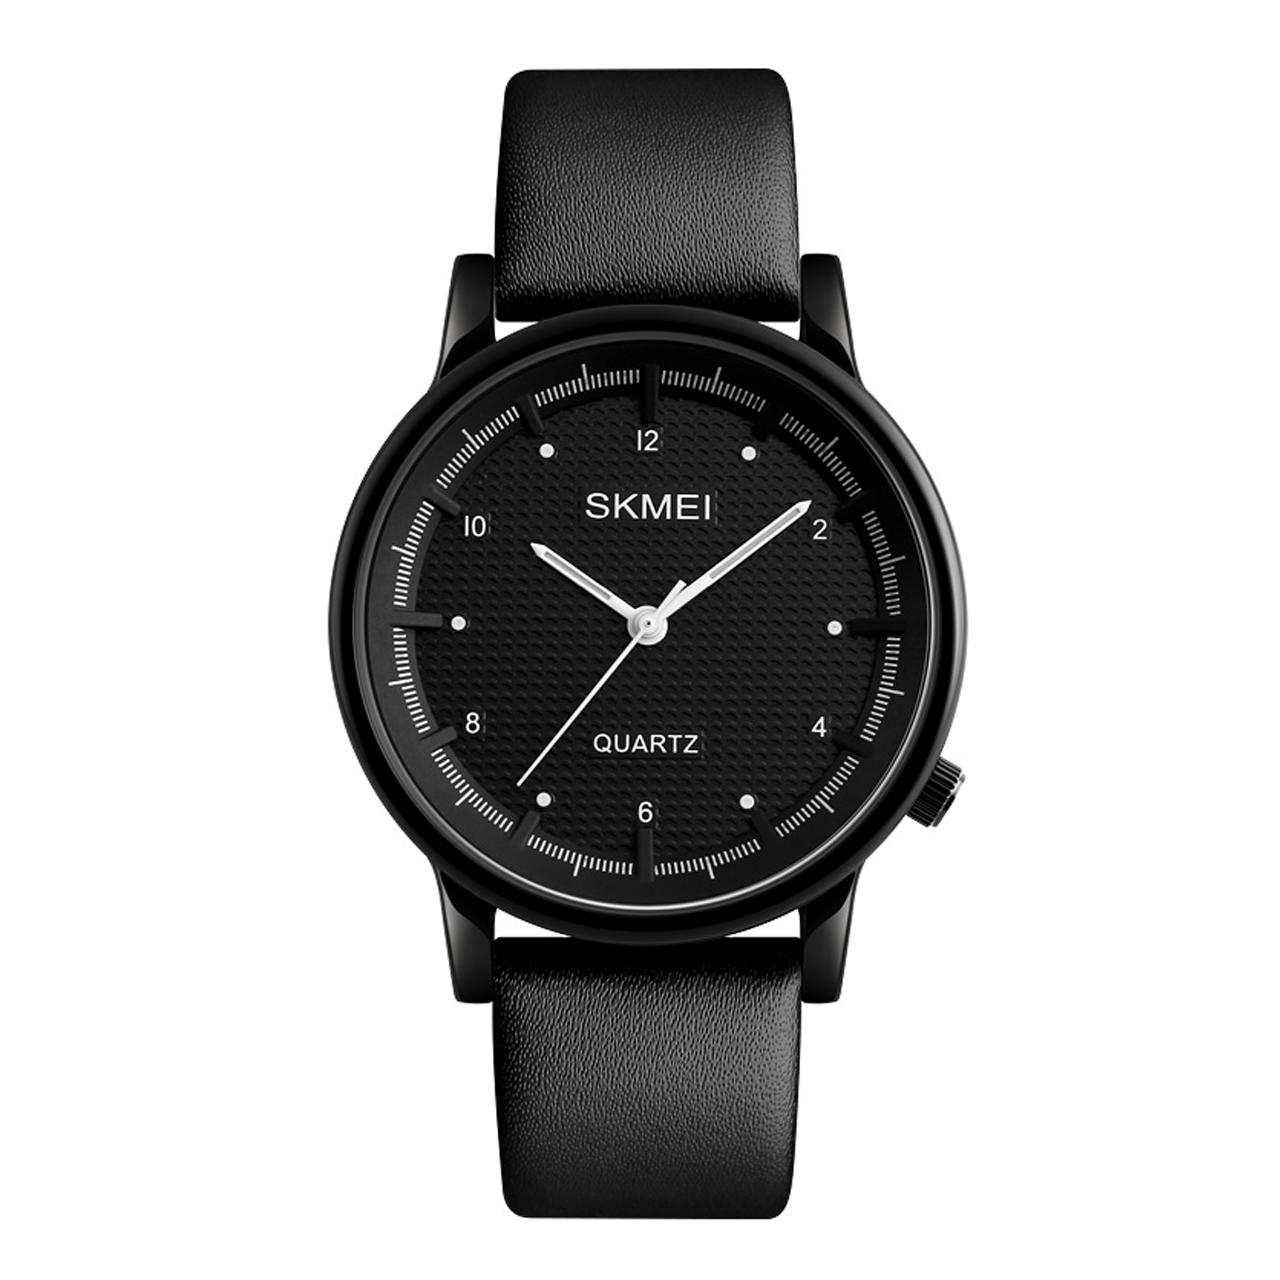 ساعت مچی عقربه ای مردانه اسکمی مدل 1210 کد 03